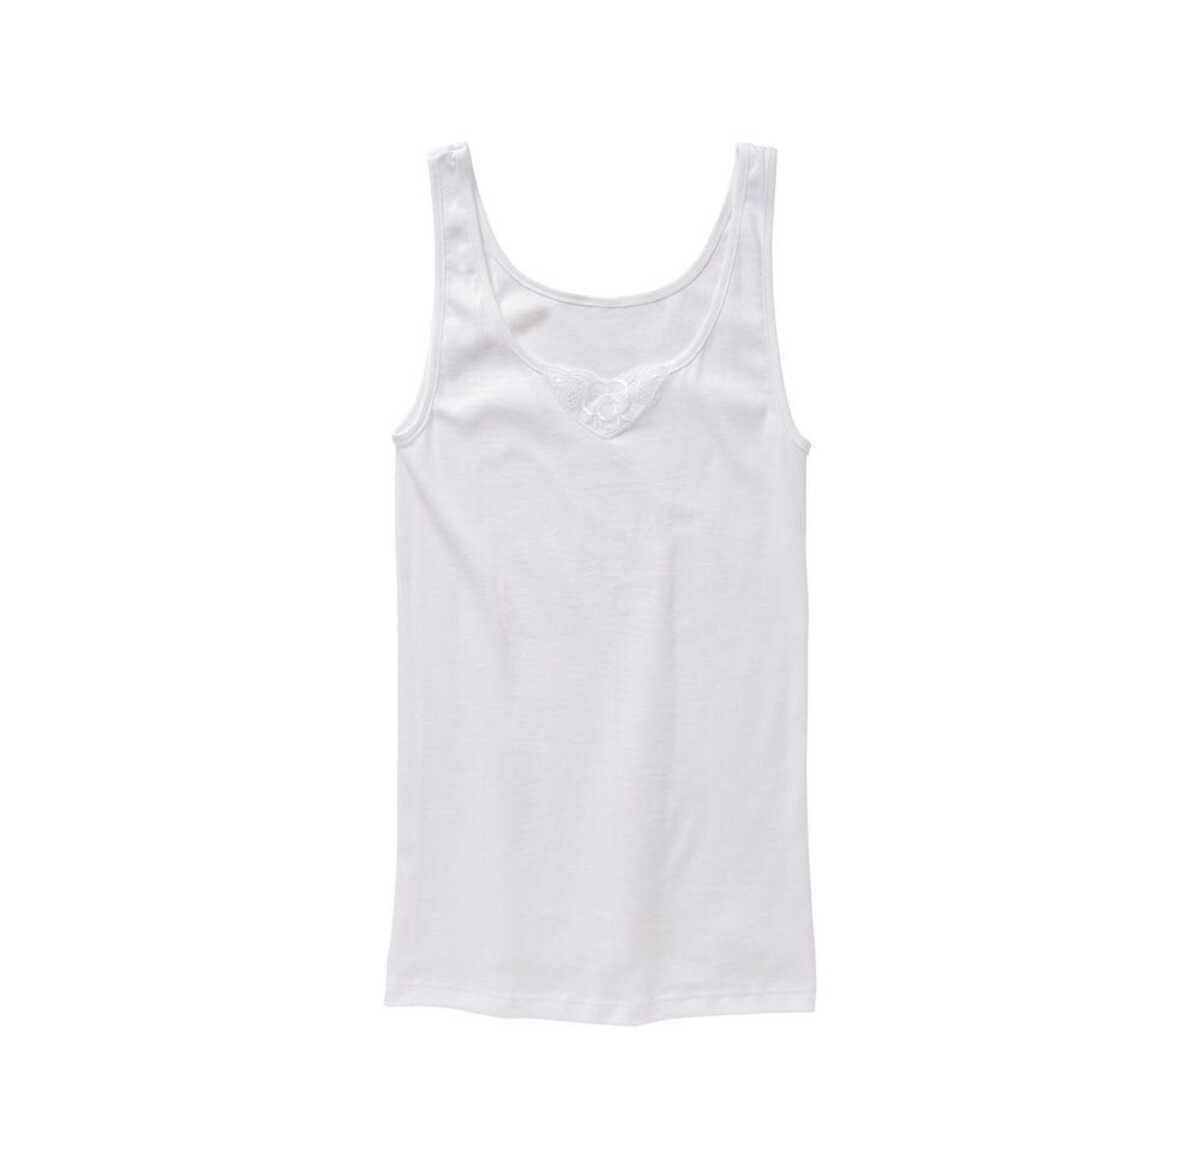 Bild 1 von Damen-Unterhemd mit Spitzeneinsatz